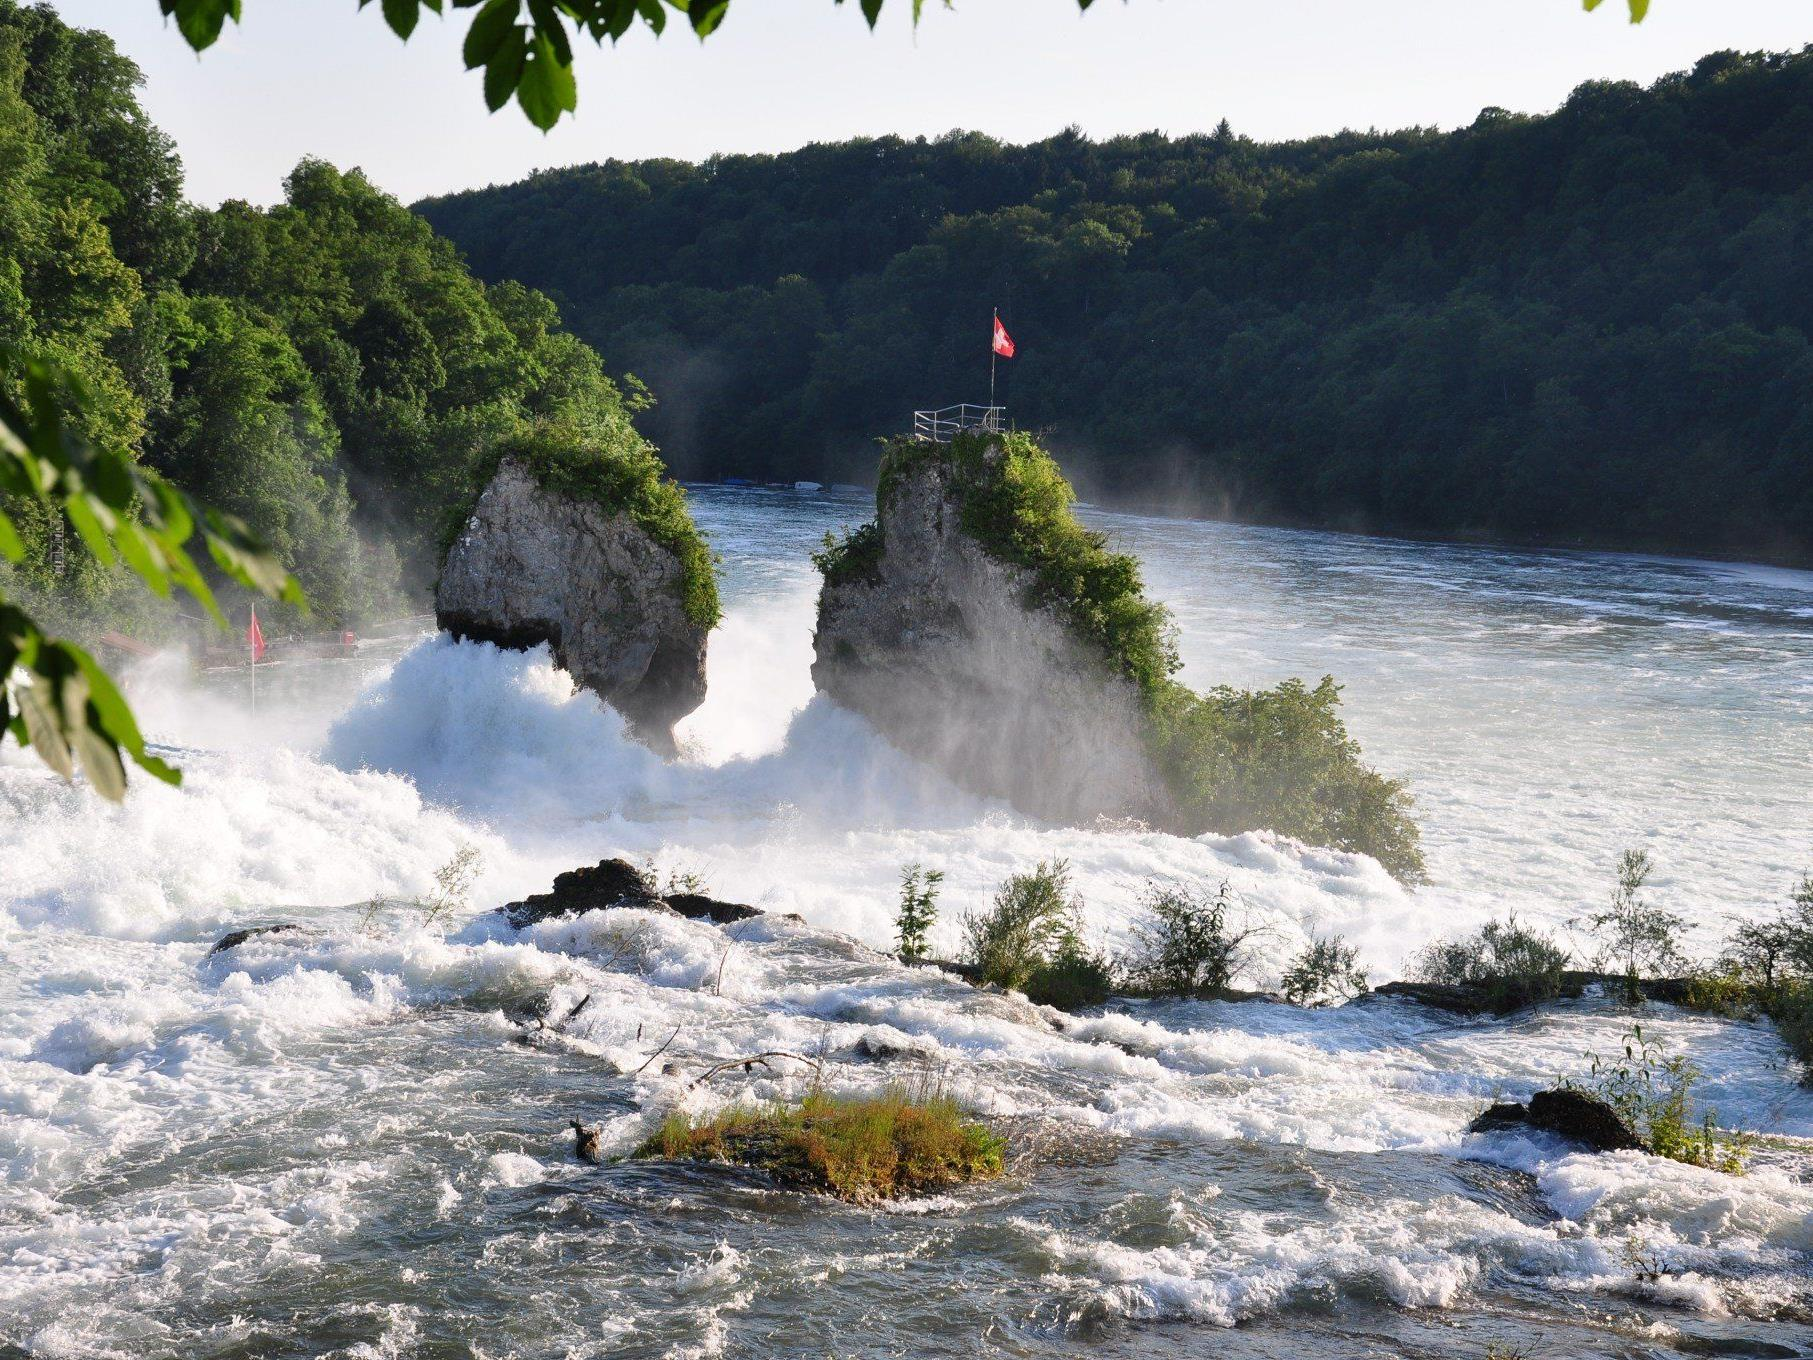 1,3 Millionen Menschen aus aller Welt lassen sich dieses Spektakel jedes Jahr nicht entgehen: Der Rheinfall – größter Wasserfall Europas – weckt nun auch Begehrlichkeiten der Stromproduzenten.